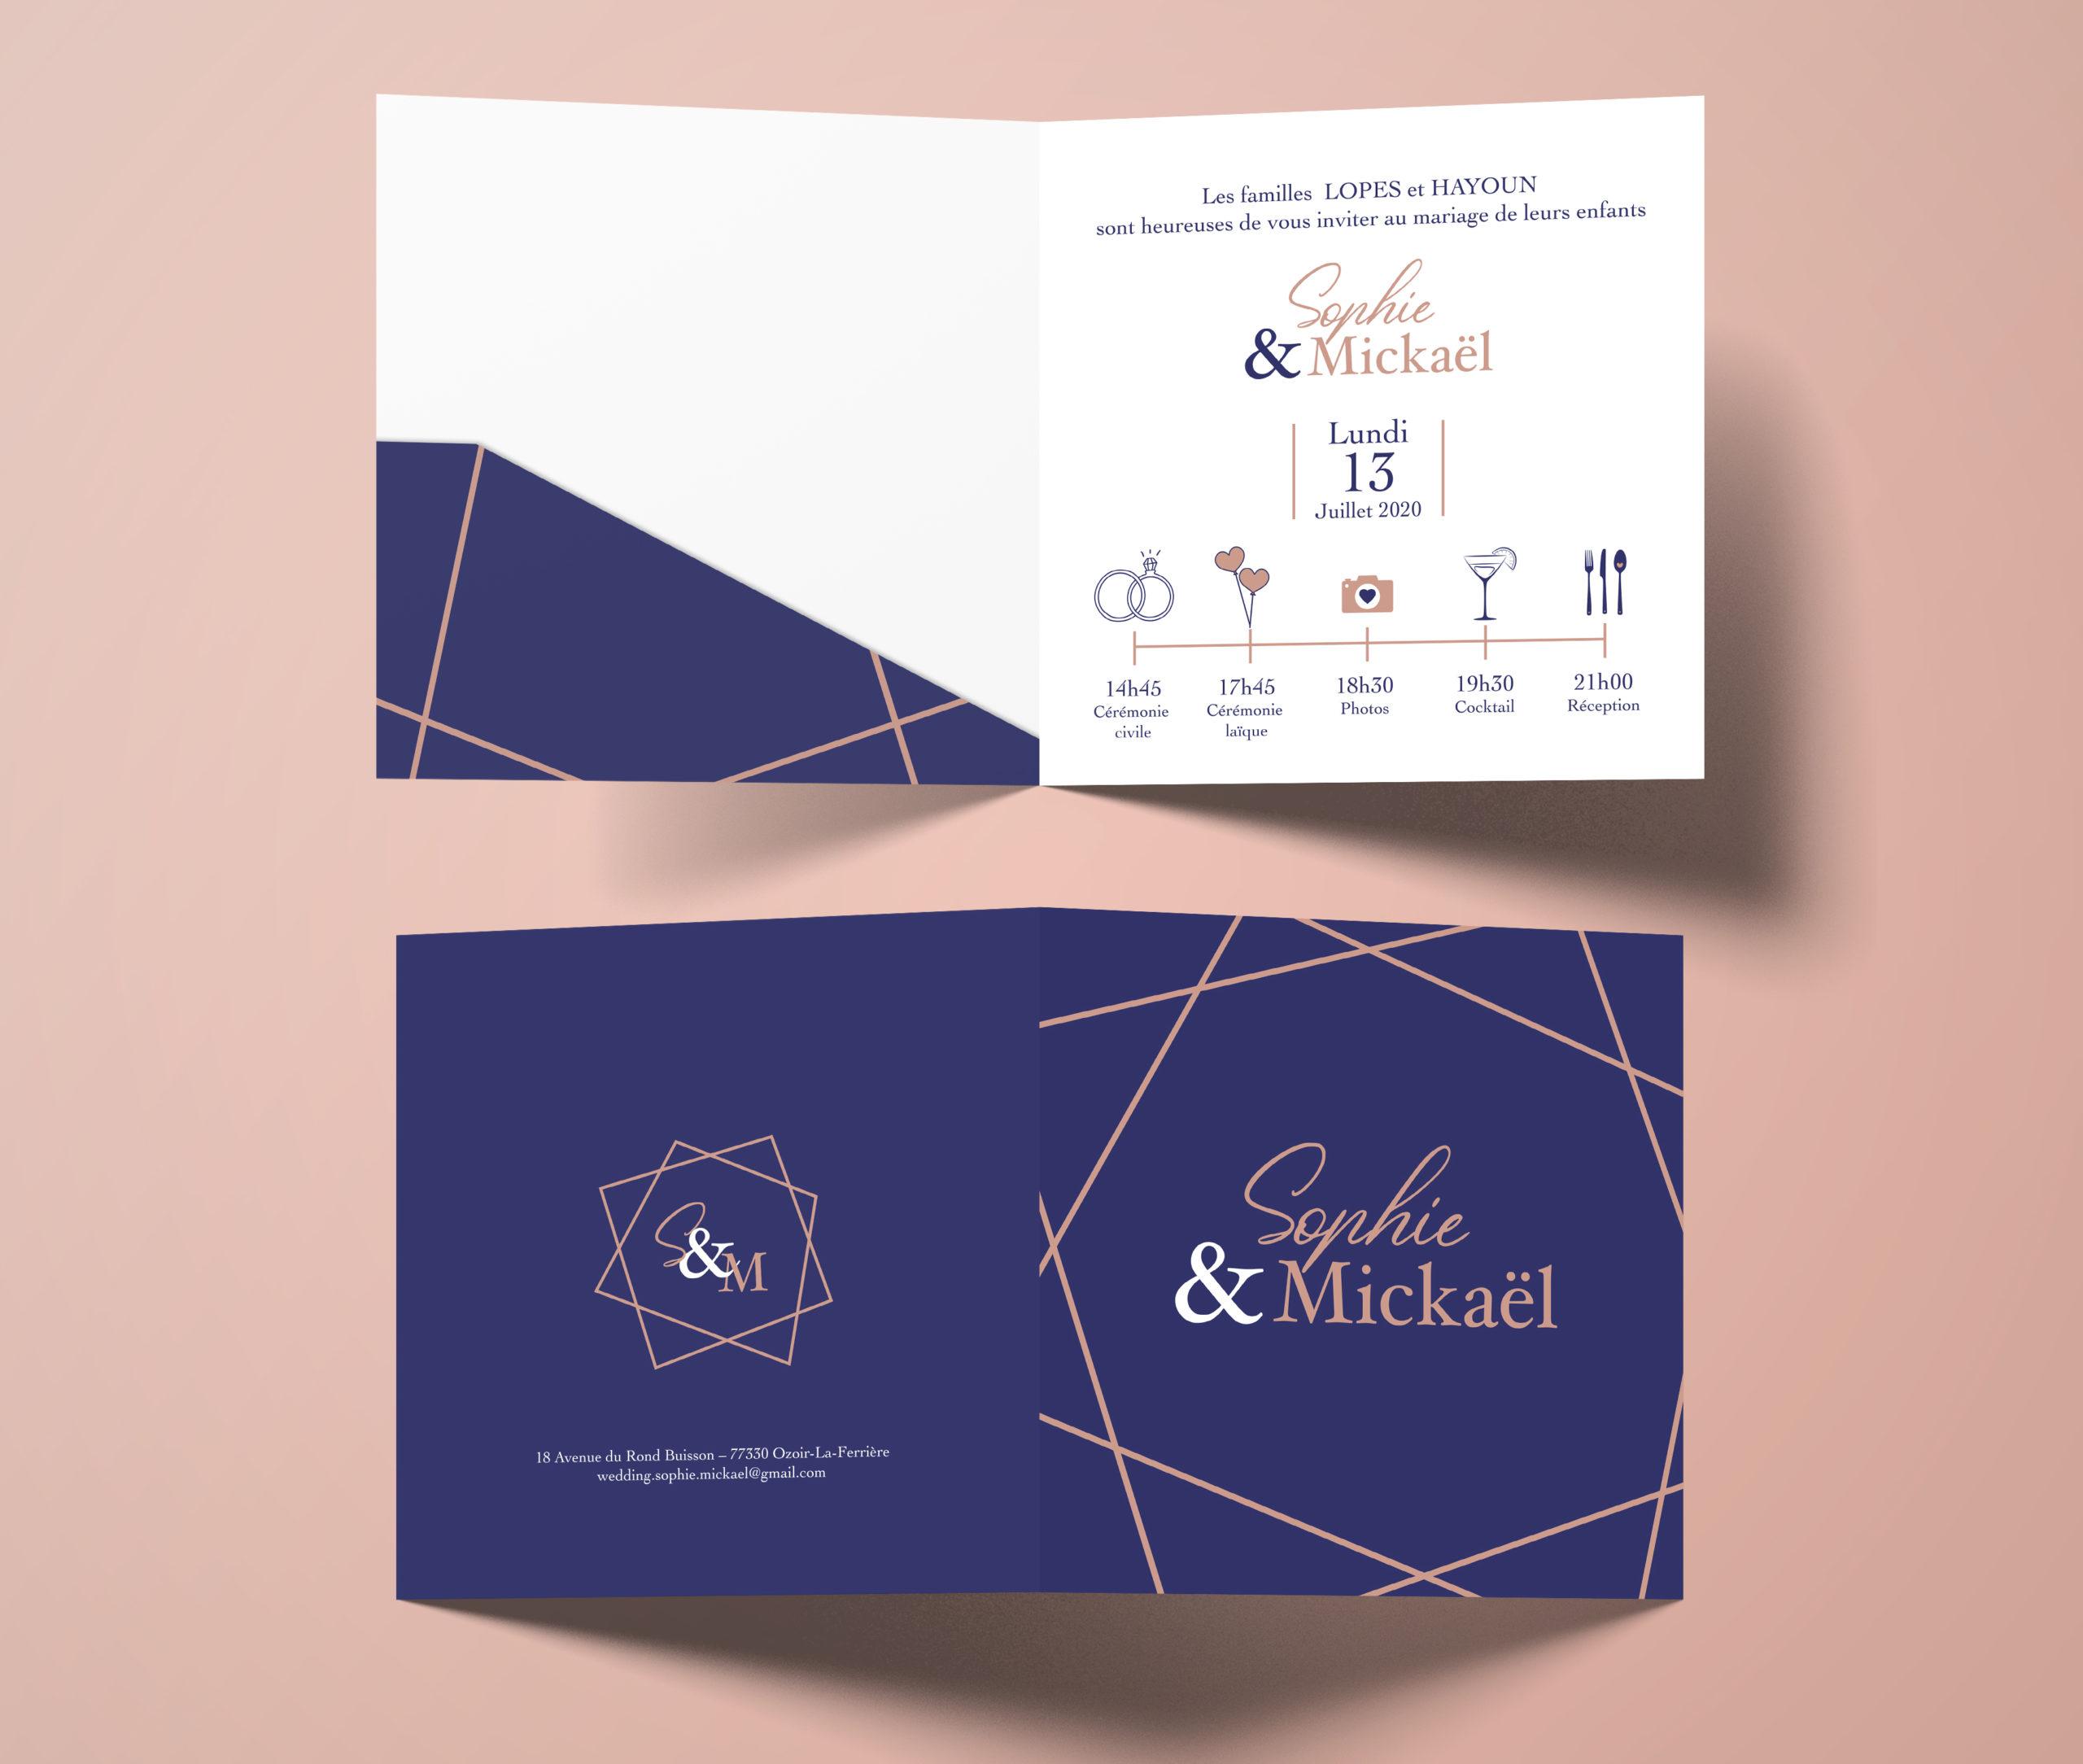 FAIRE PART-MARIAGE-surmesure-S_M - 1 Noiseau à Paris - Graphiste illustratrice Webdesigner Val de Marne